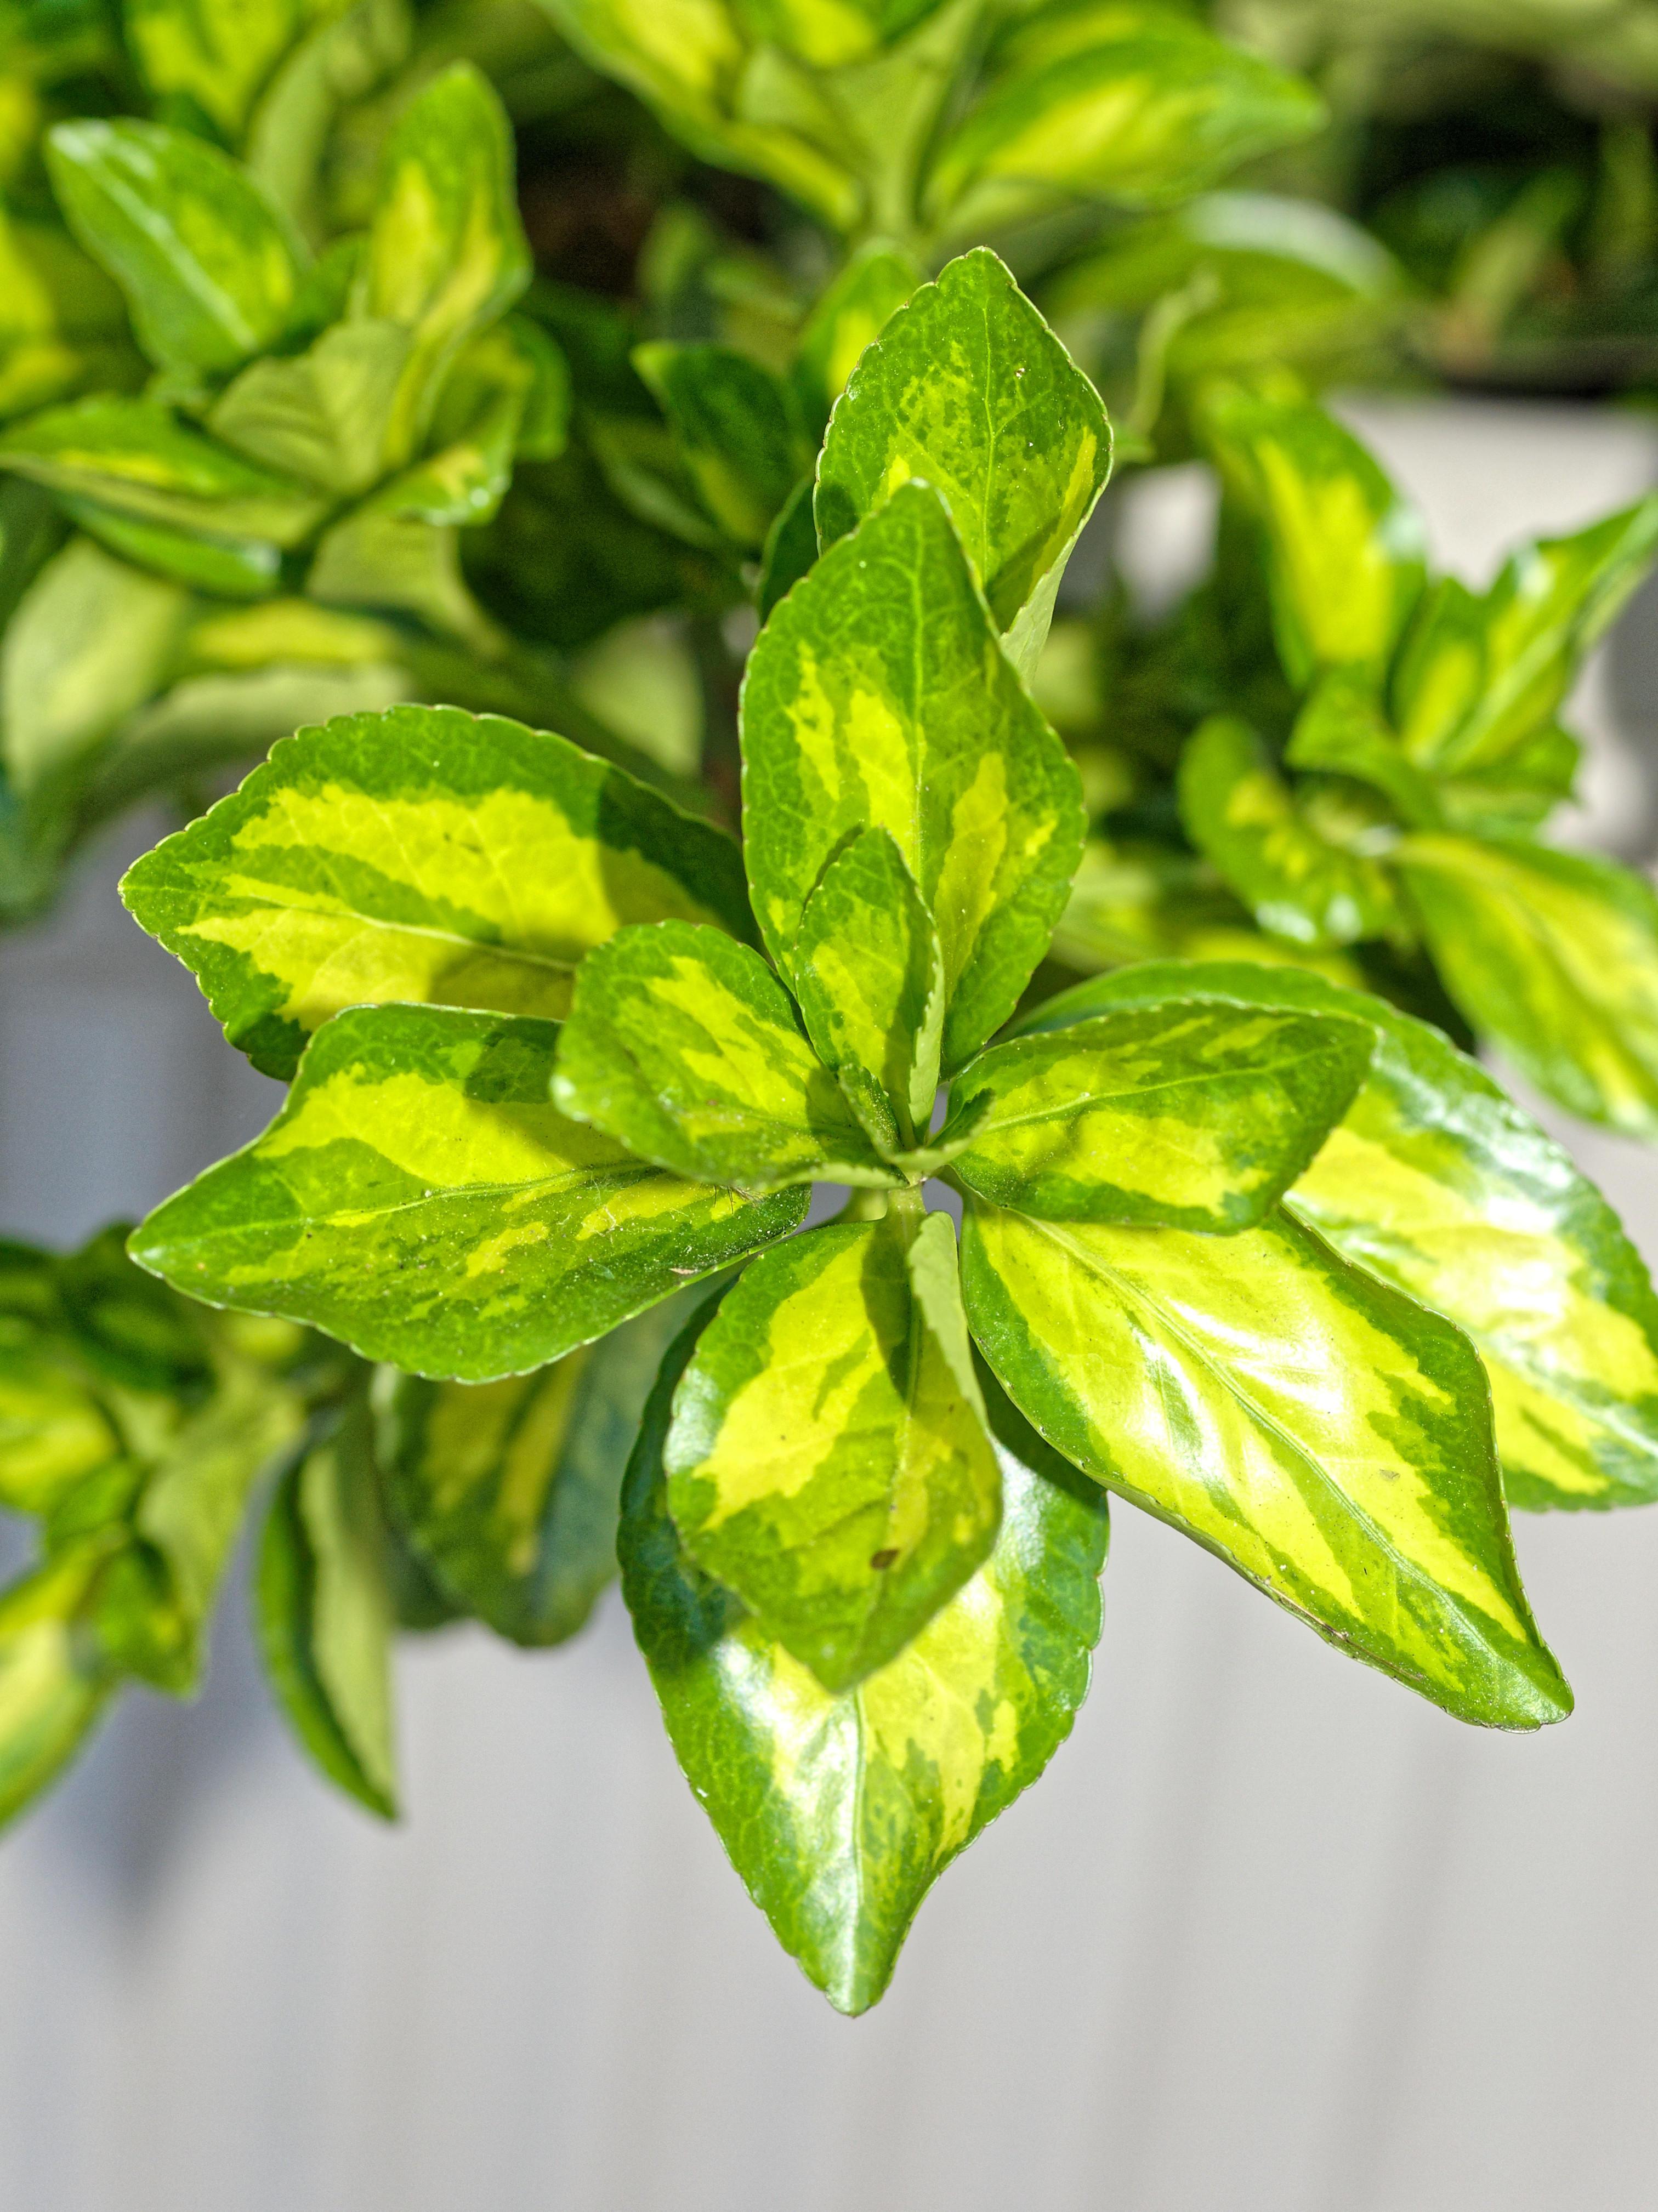 Mystery-plant-1-3.jpeg